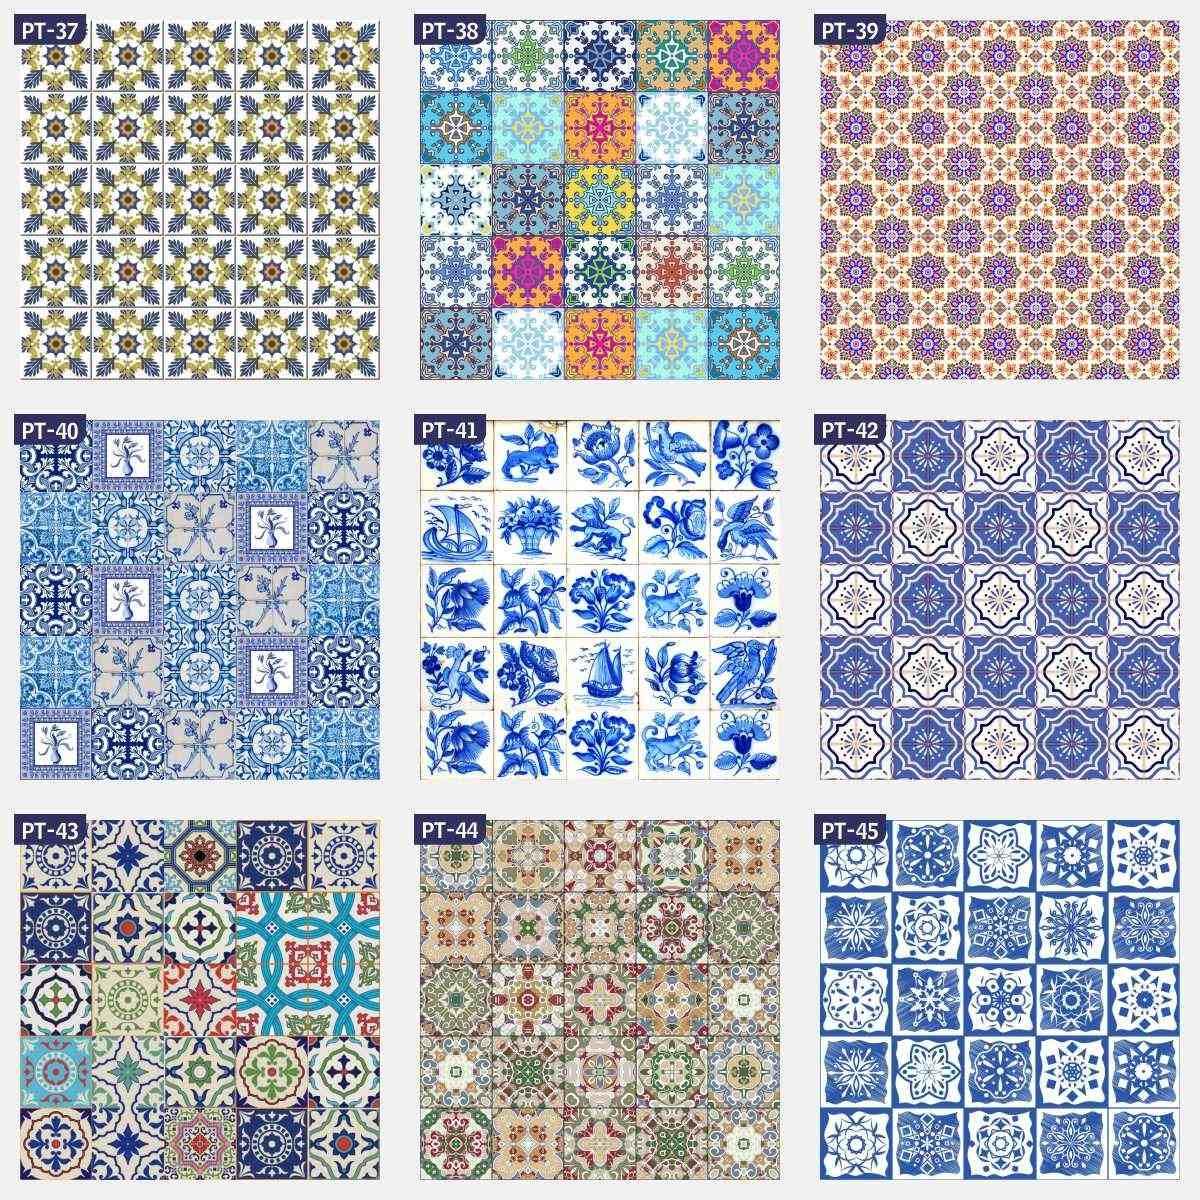 Adesivo azulejo portugu s cozinha ladrilho 1 00x1 00m pt for Comprar azulejos sueltos